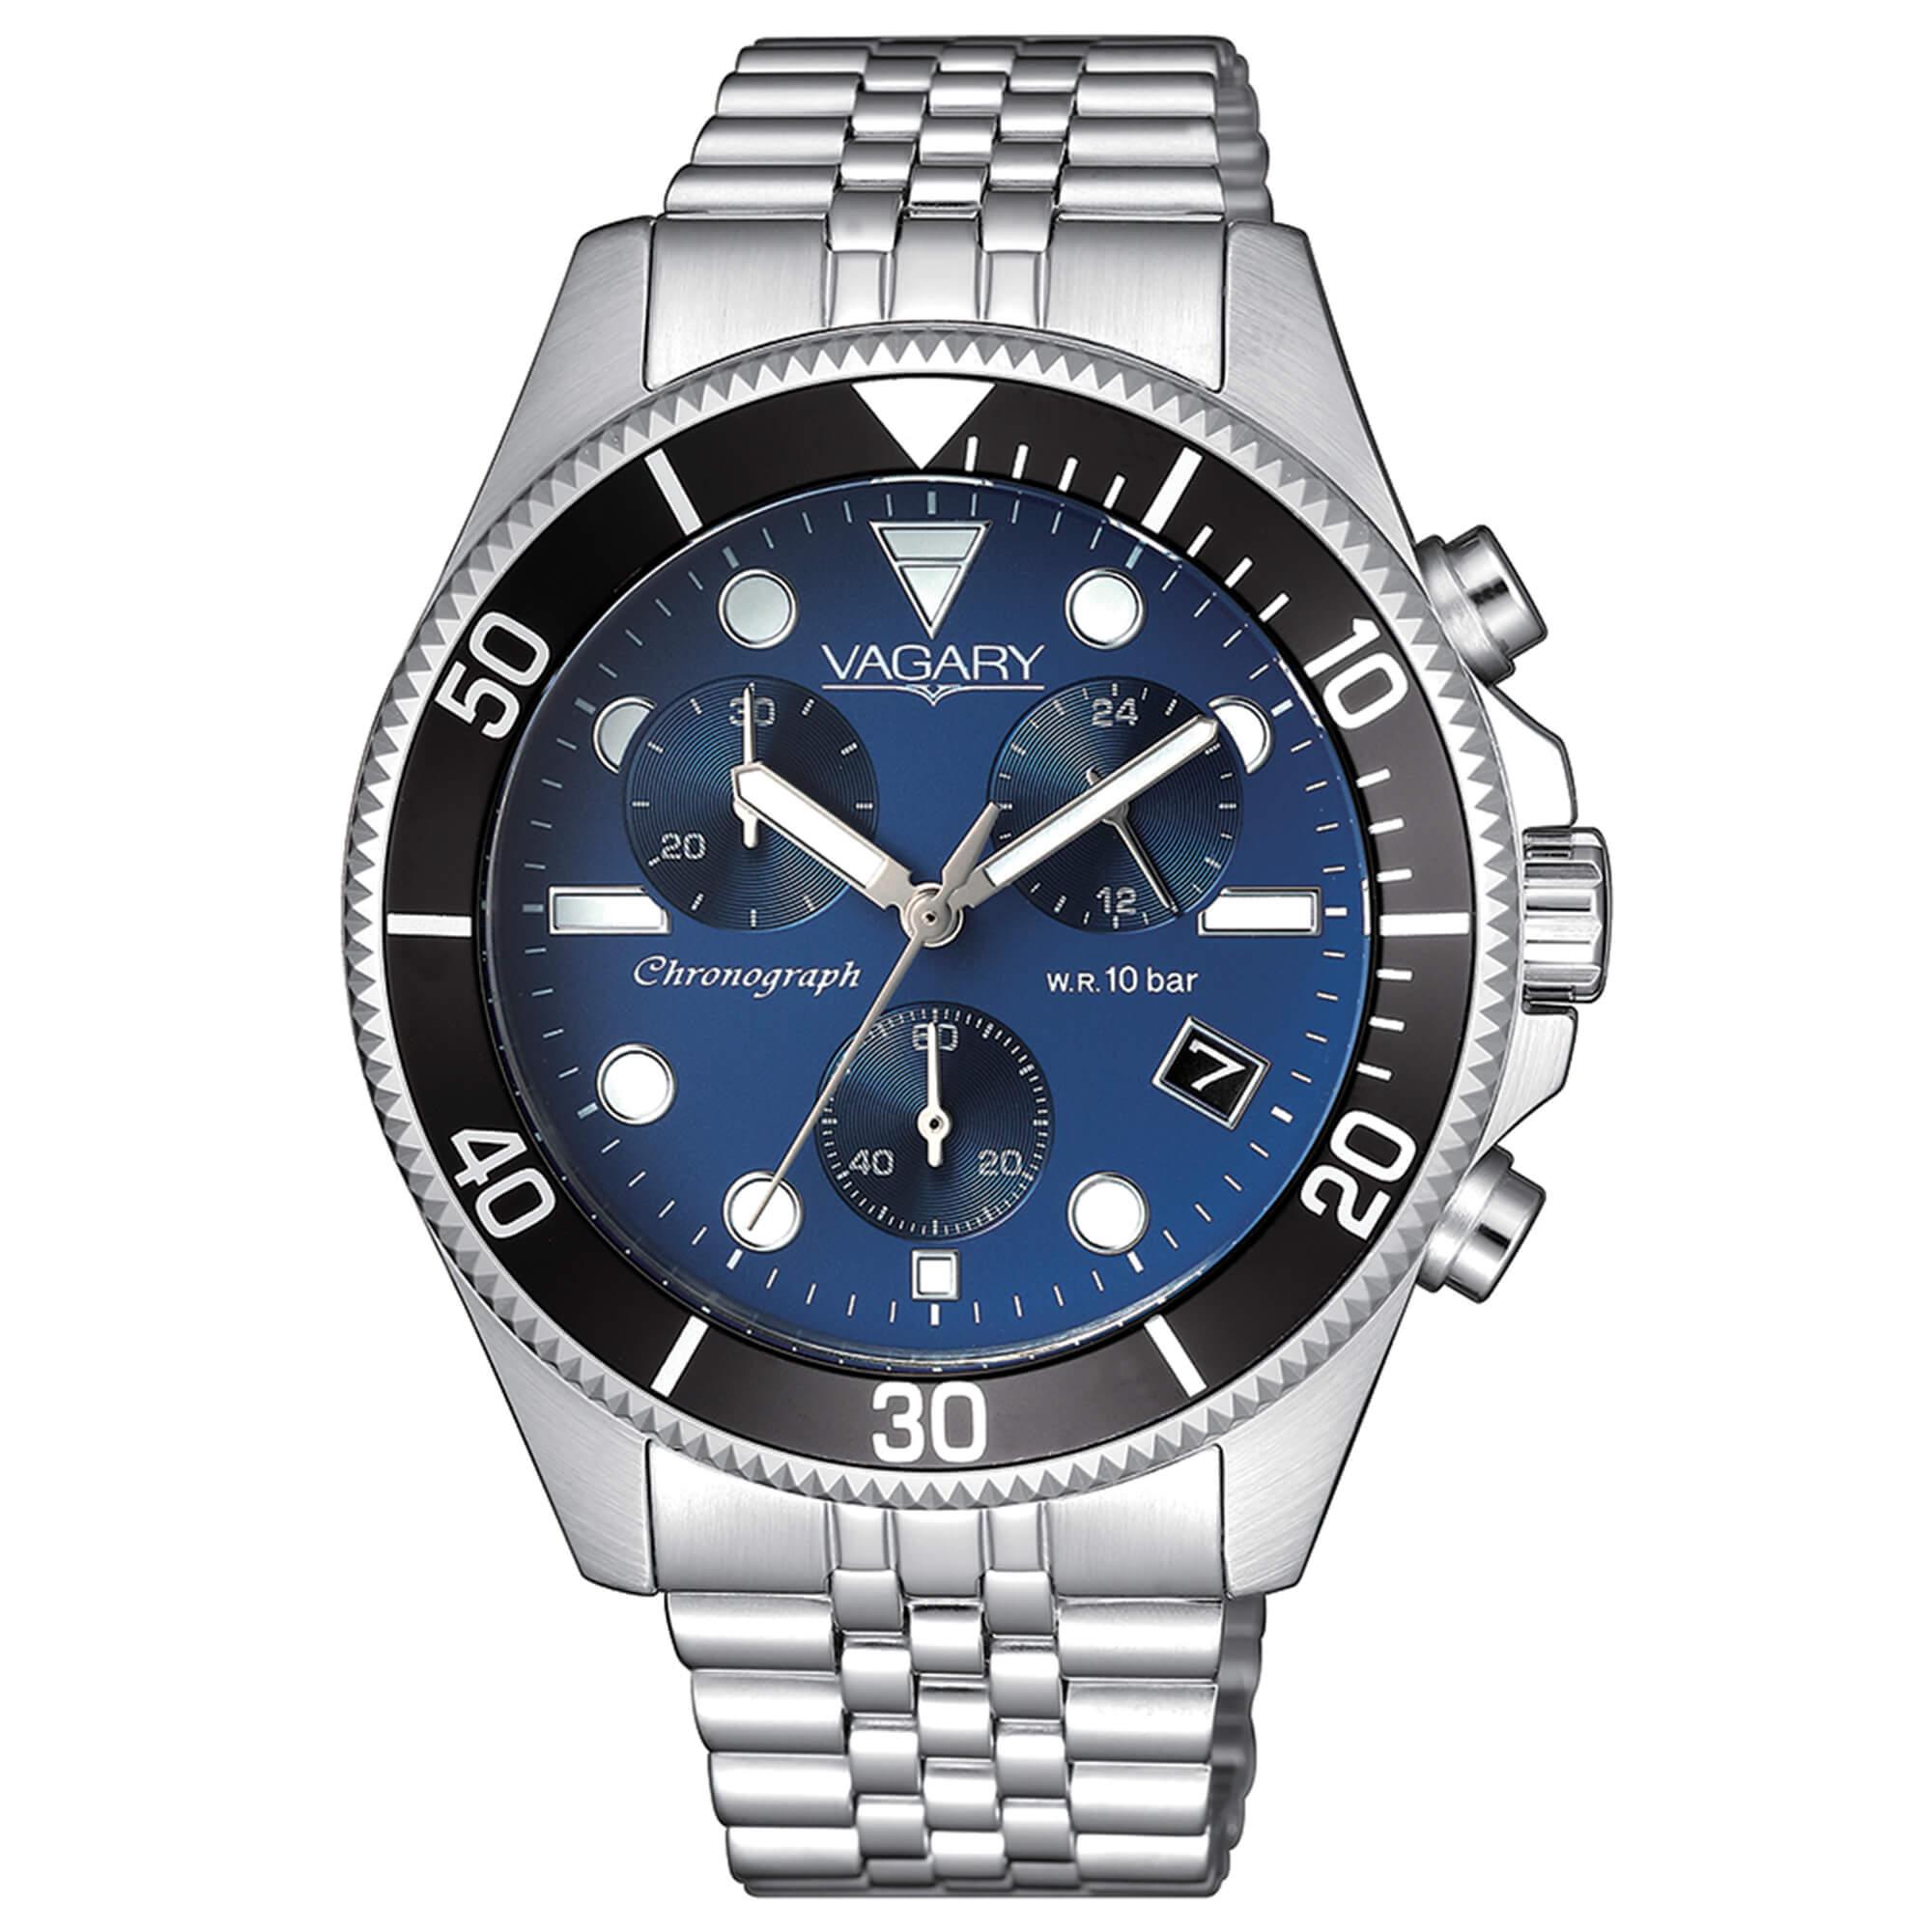 Vagary Aqua 39 Crono DiverVS1-019-71